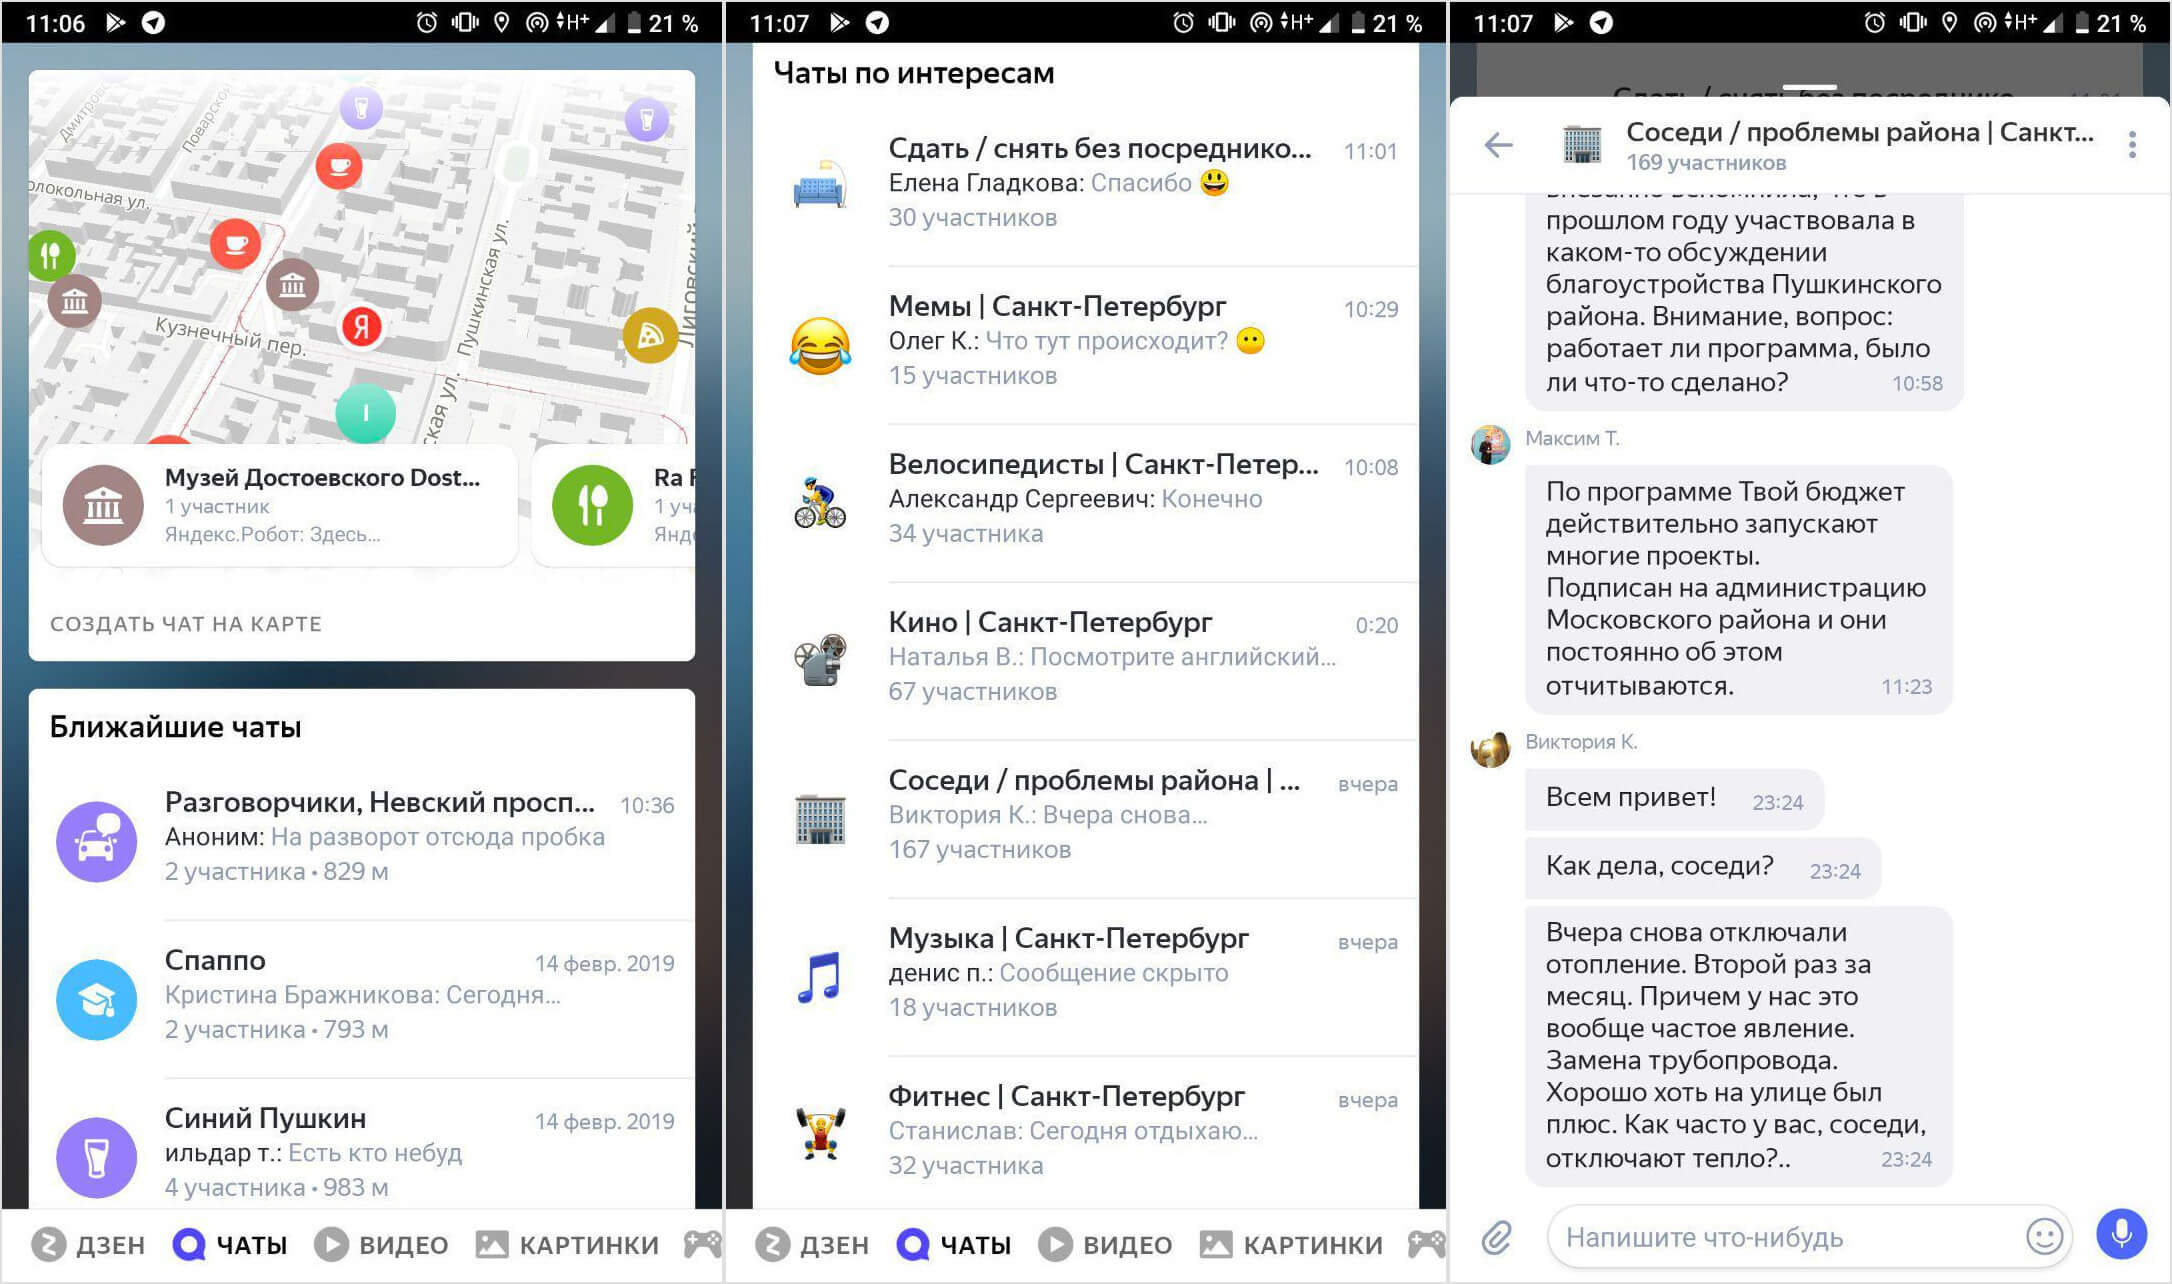 Локальные чаты в мобильном Яндекс-браузере